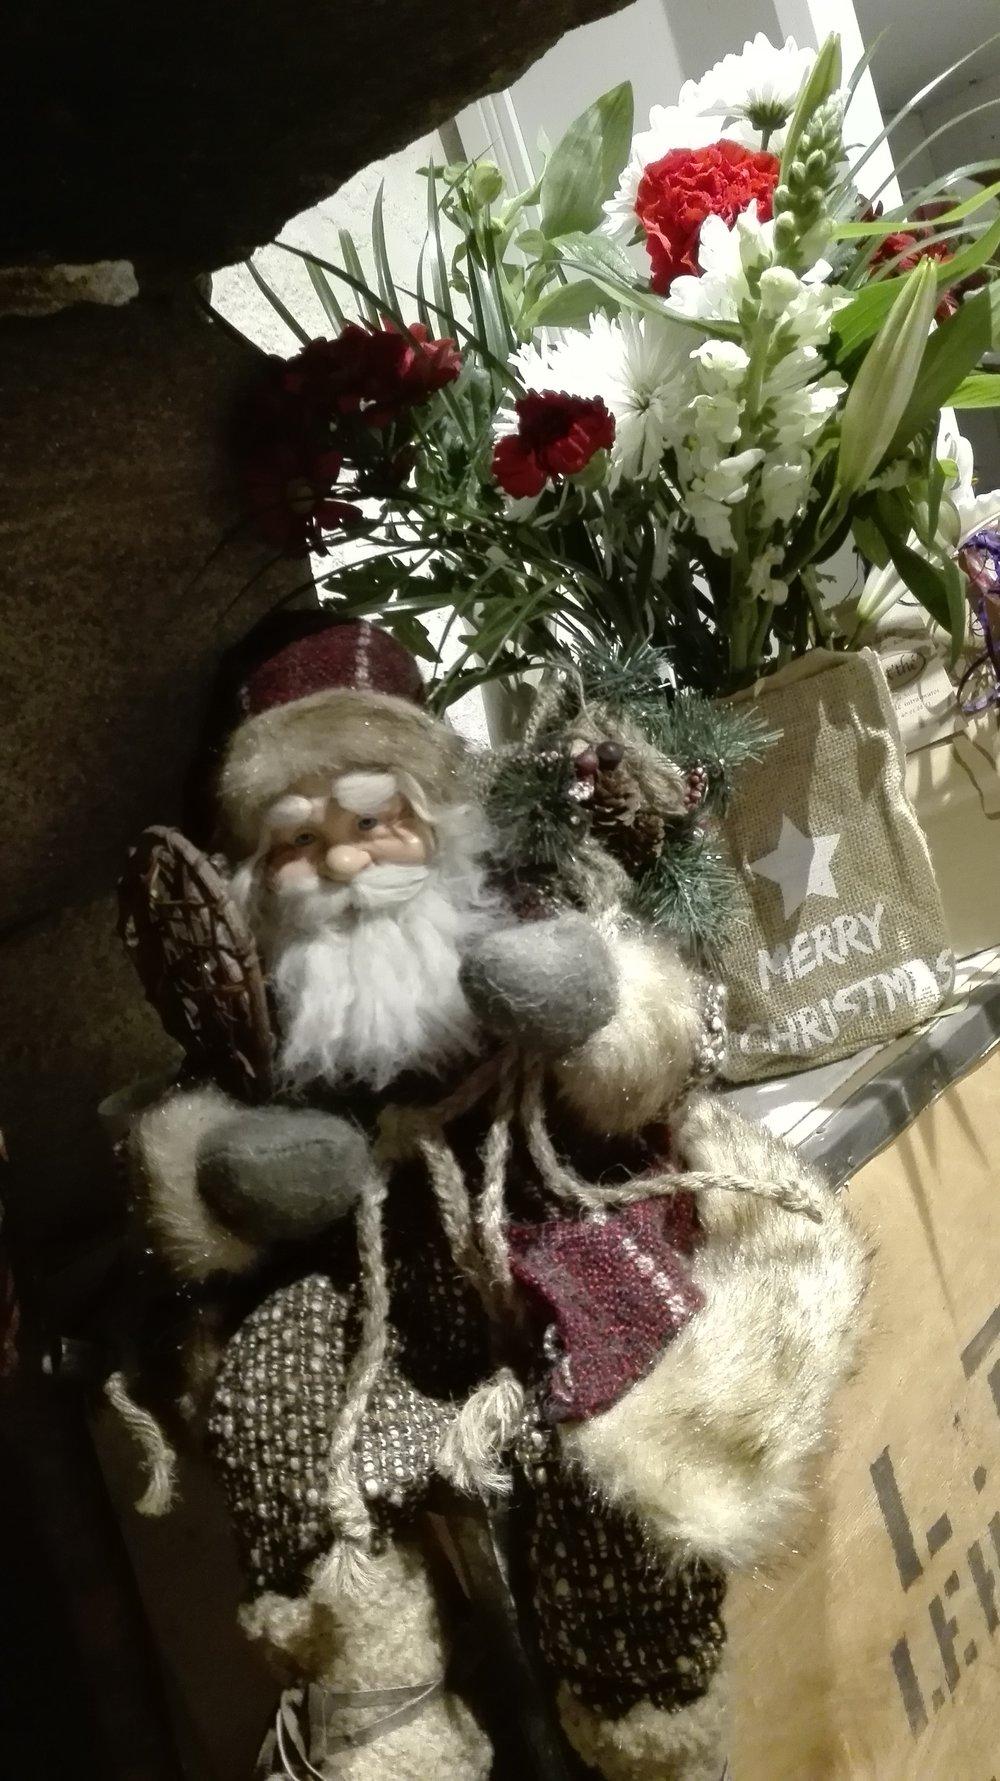 esprit de noel... - Très belle fêtes de fin d'année à vous tous